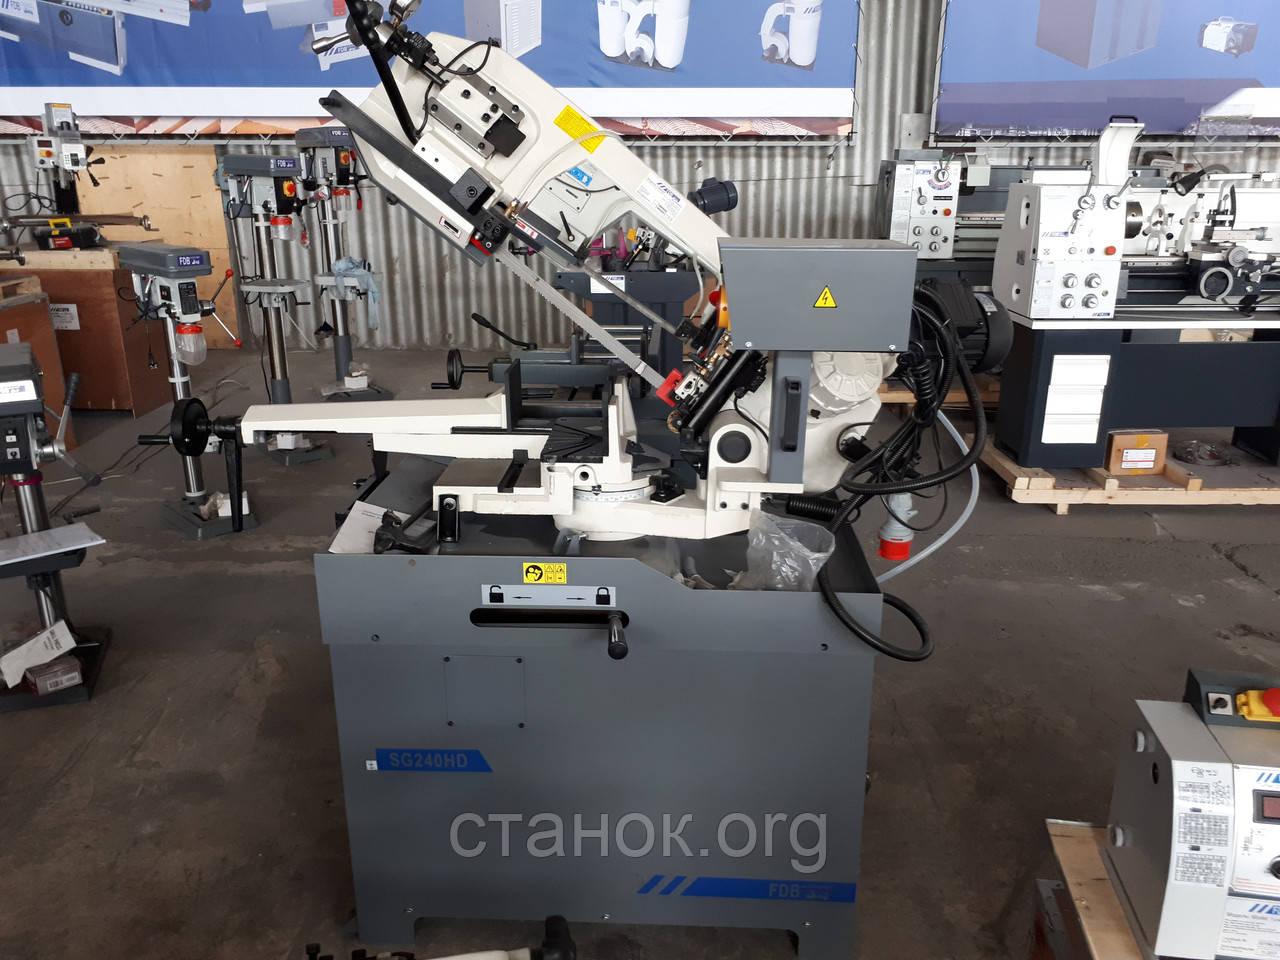 FDB Maschinen SG 240 HD Ленточная пила Ленточнопильный станок по металлу Отрезной фдб сг 240 машинен